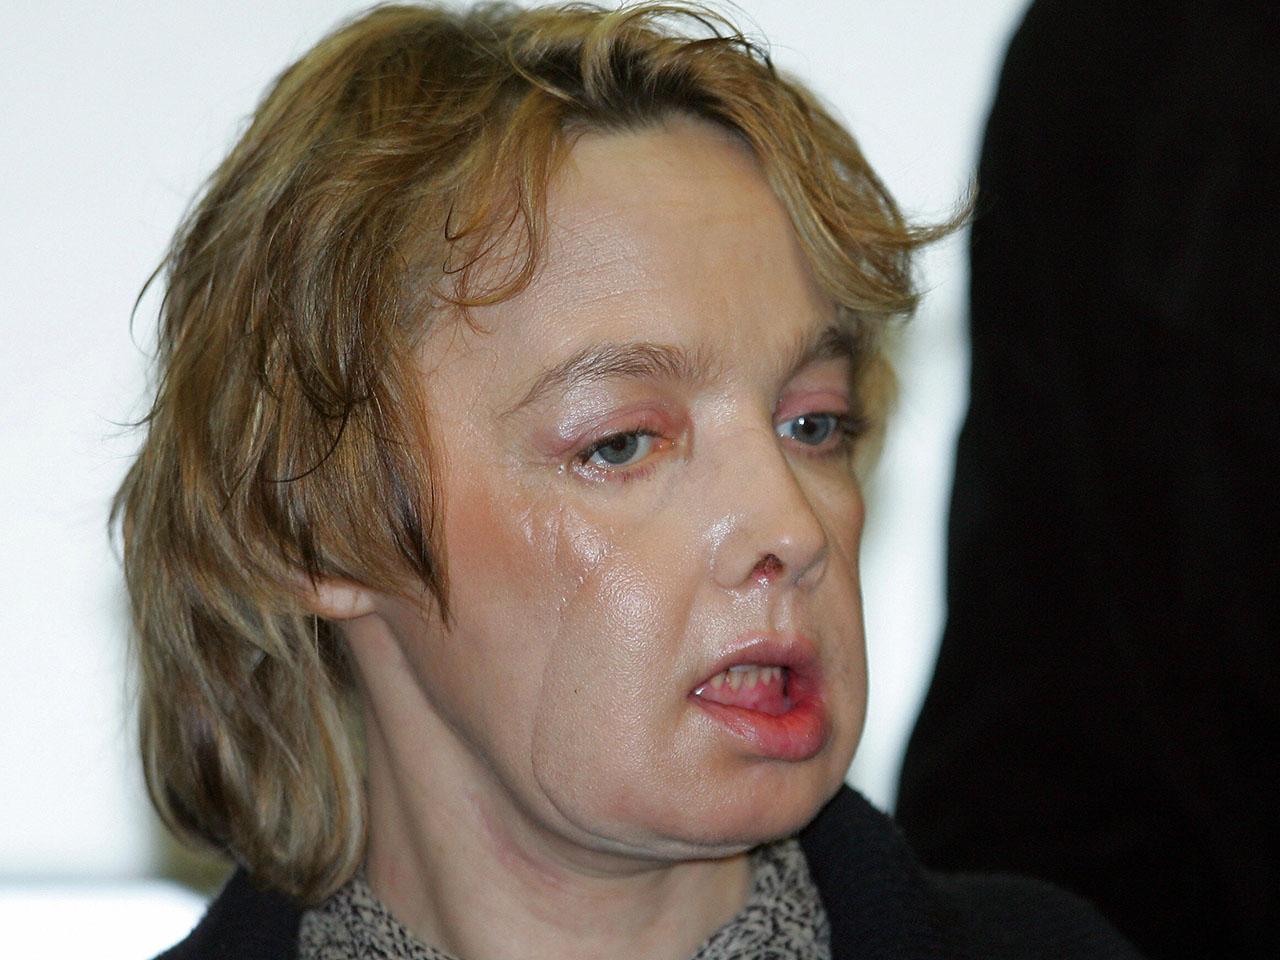 Vivian Moore, Le seigneur sans visage rsum